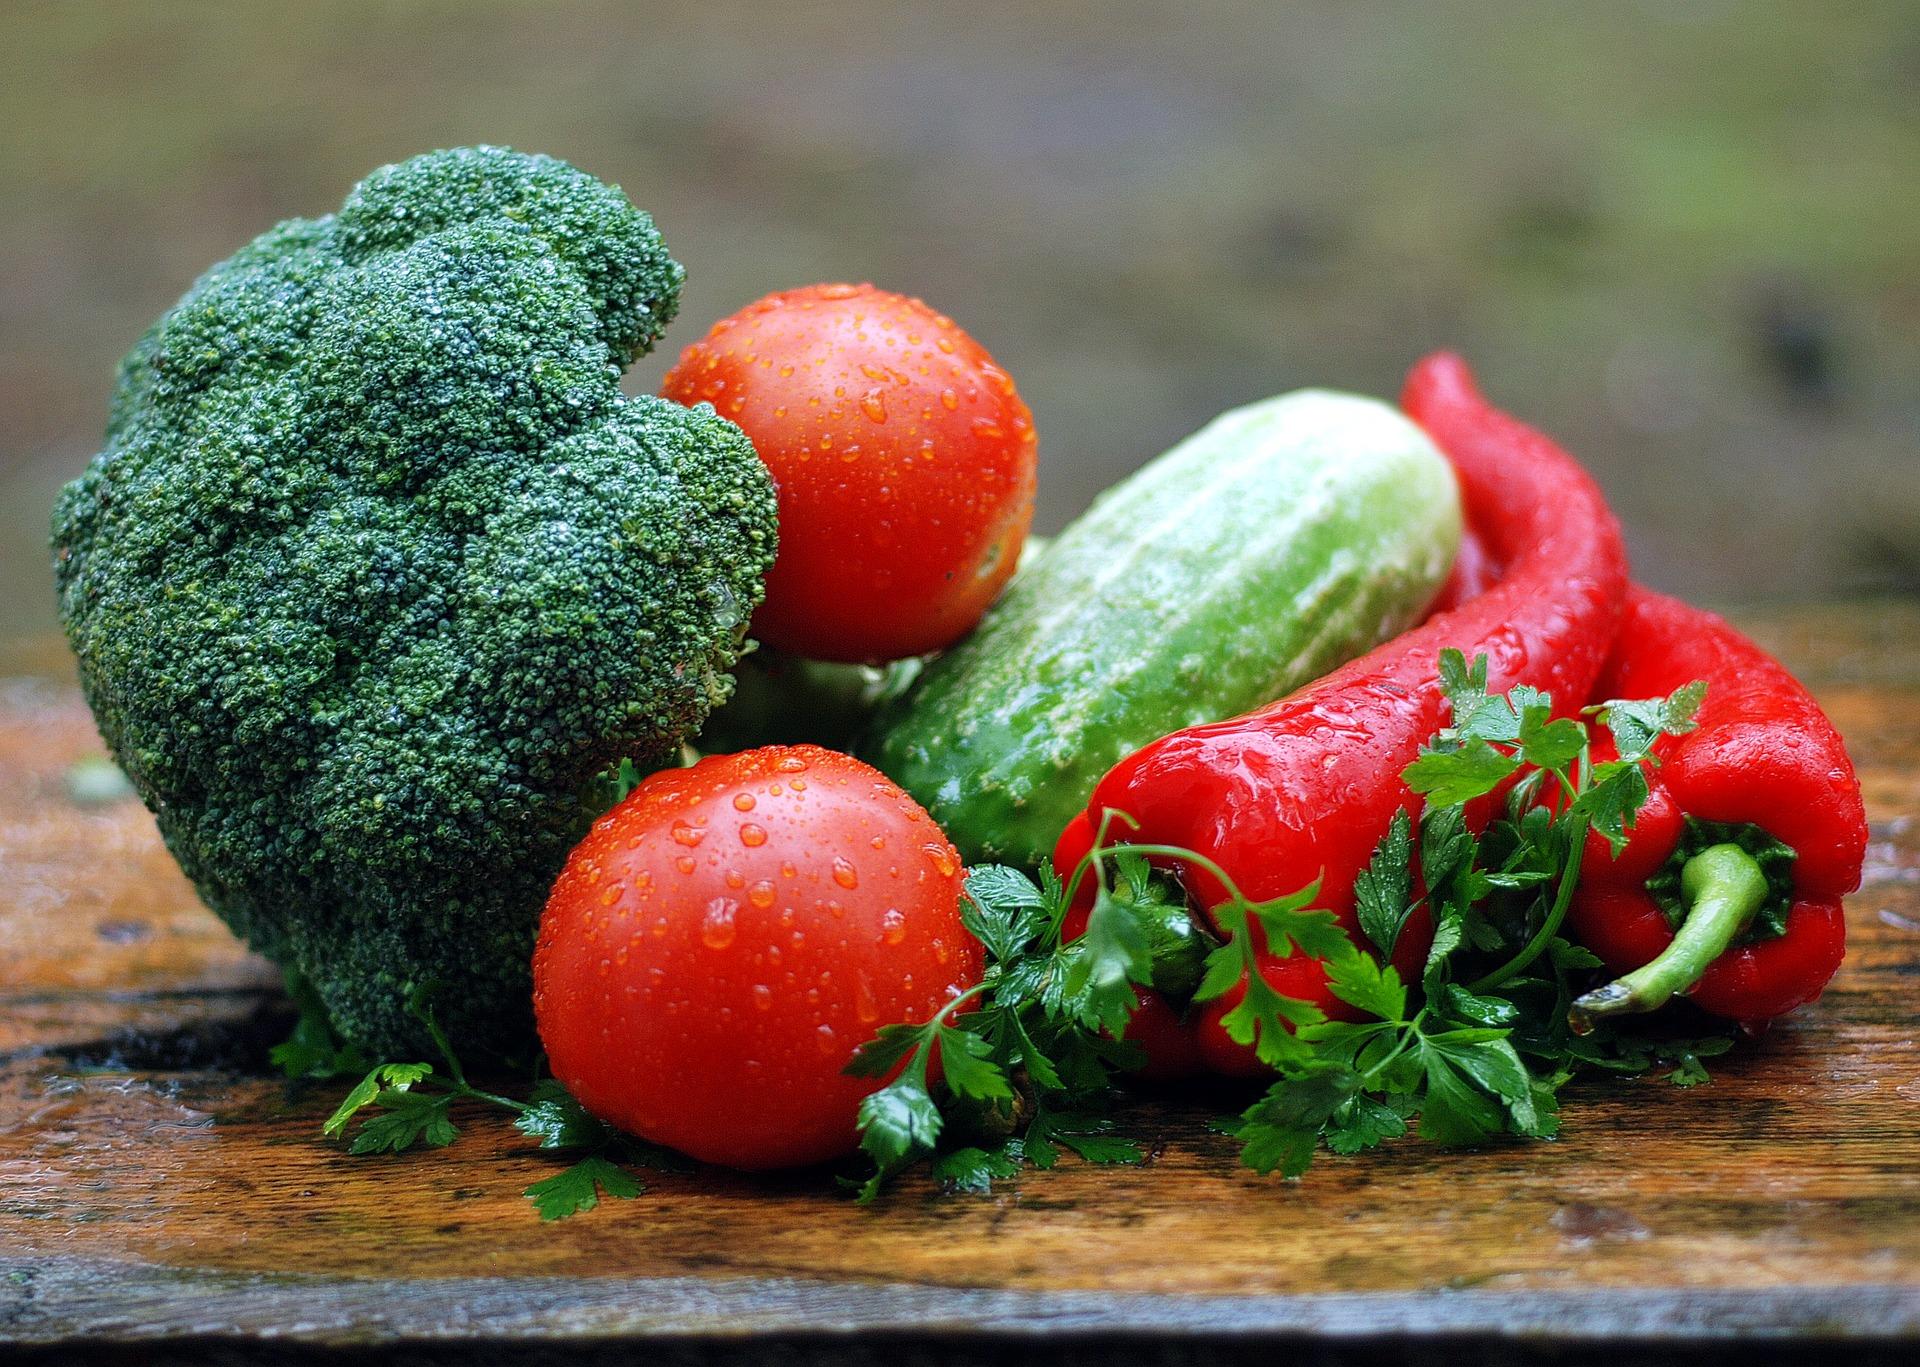 5 Health Benefits of Going Vegan